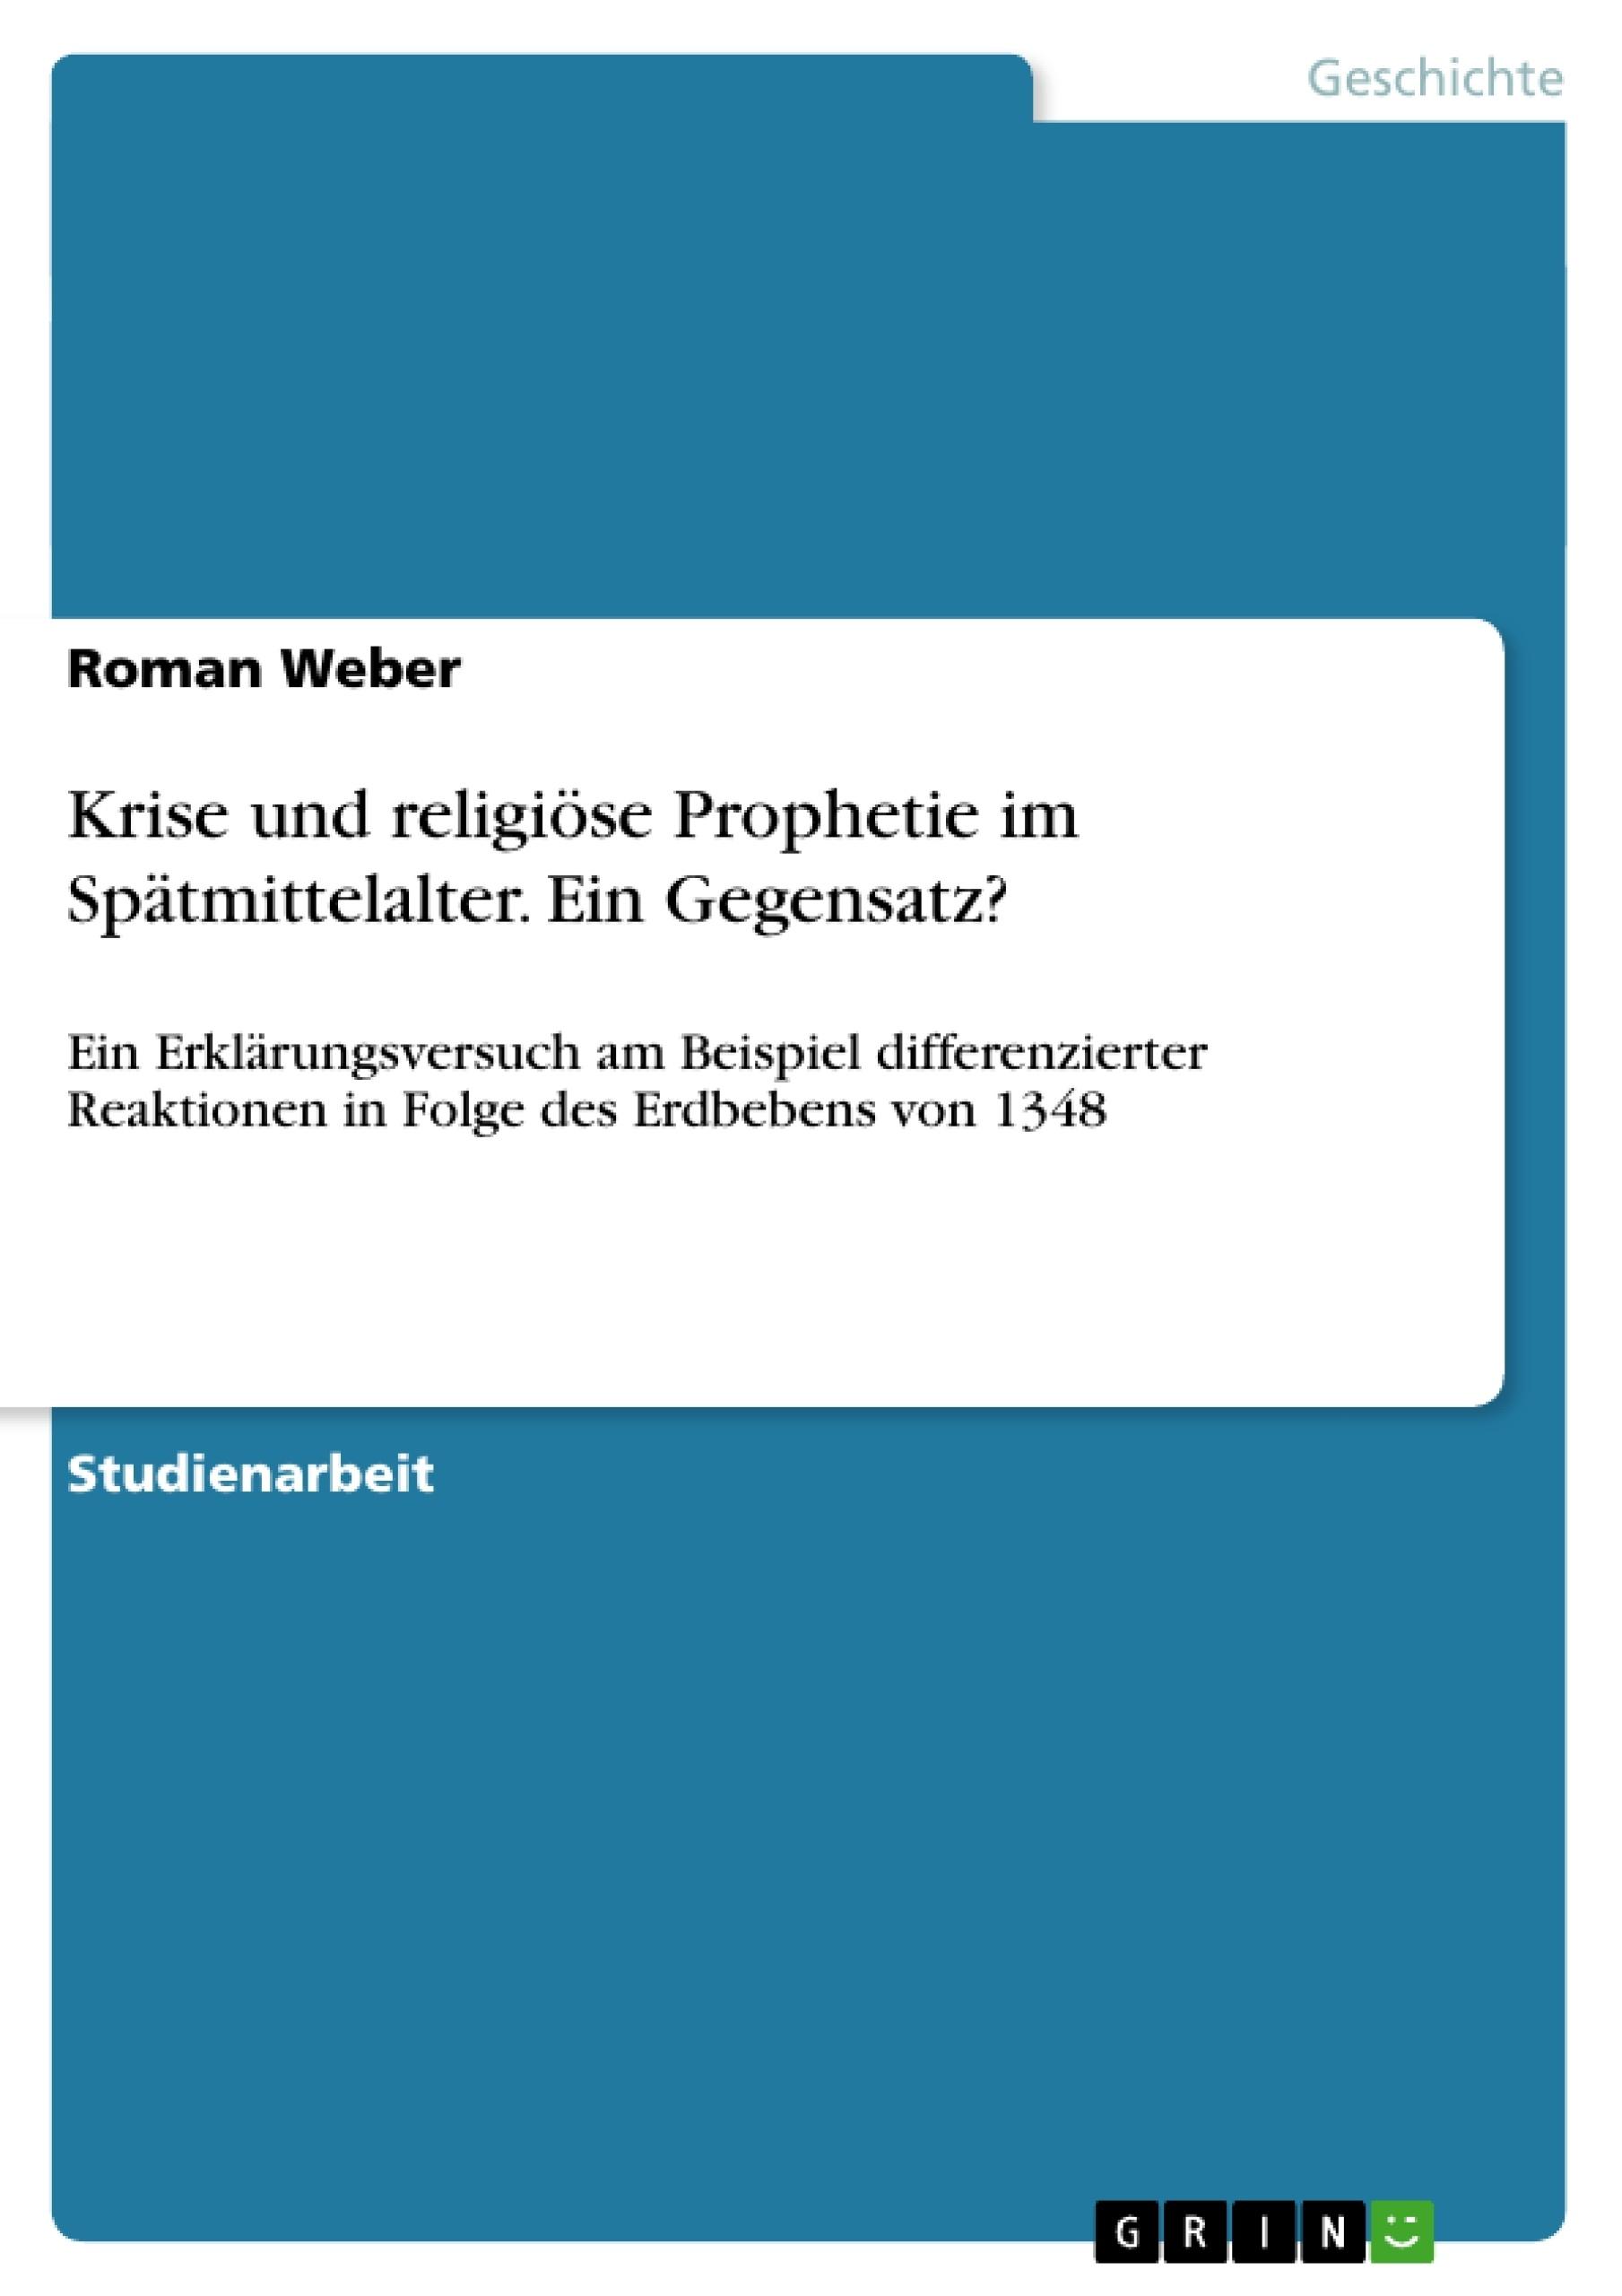 Titel: Krise und religiöse Prophetie im Spätmittelalter. Ein Gegensatz?